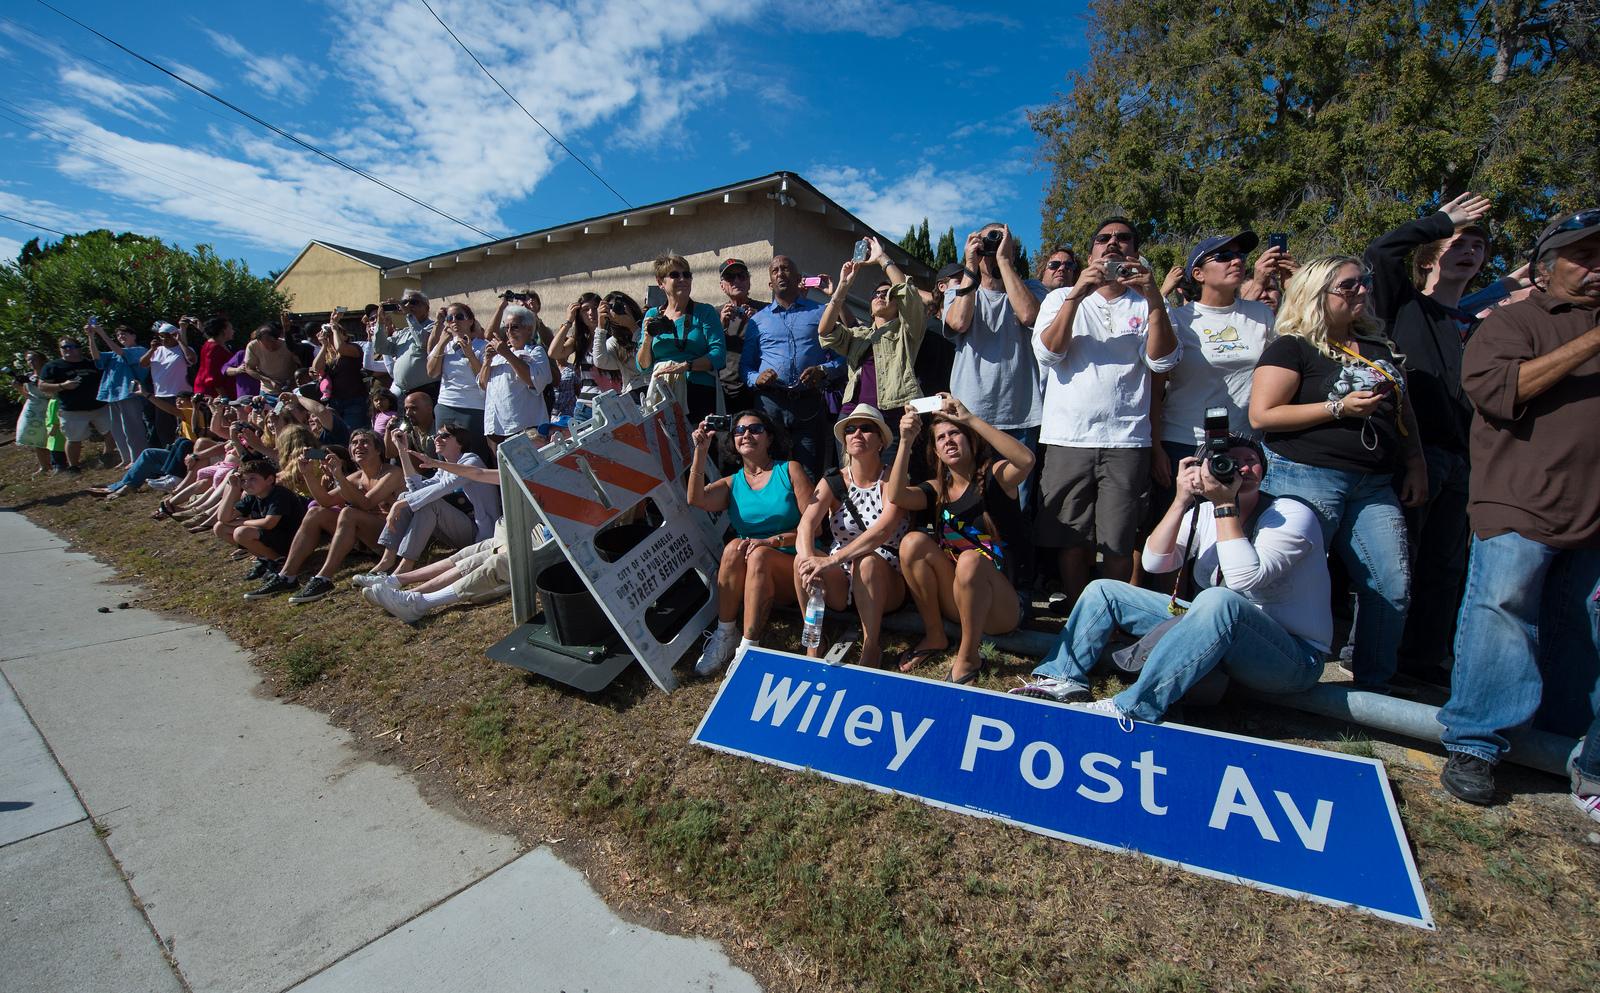 Shuttle Endeavour's L.A. Crowd